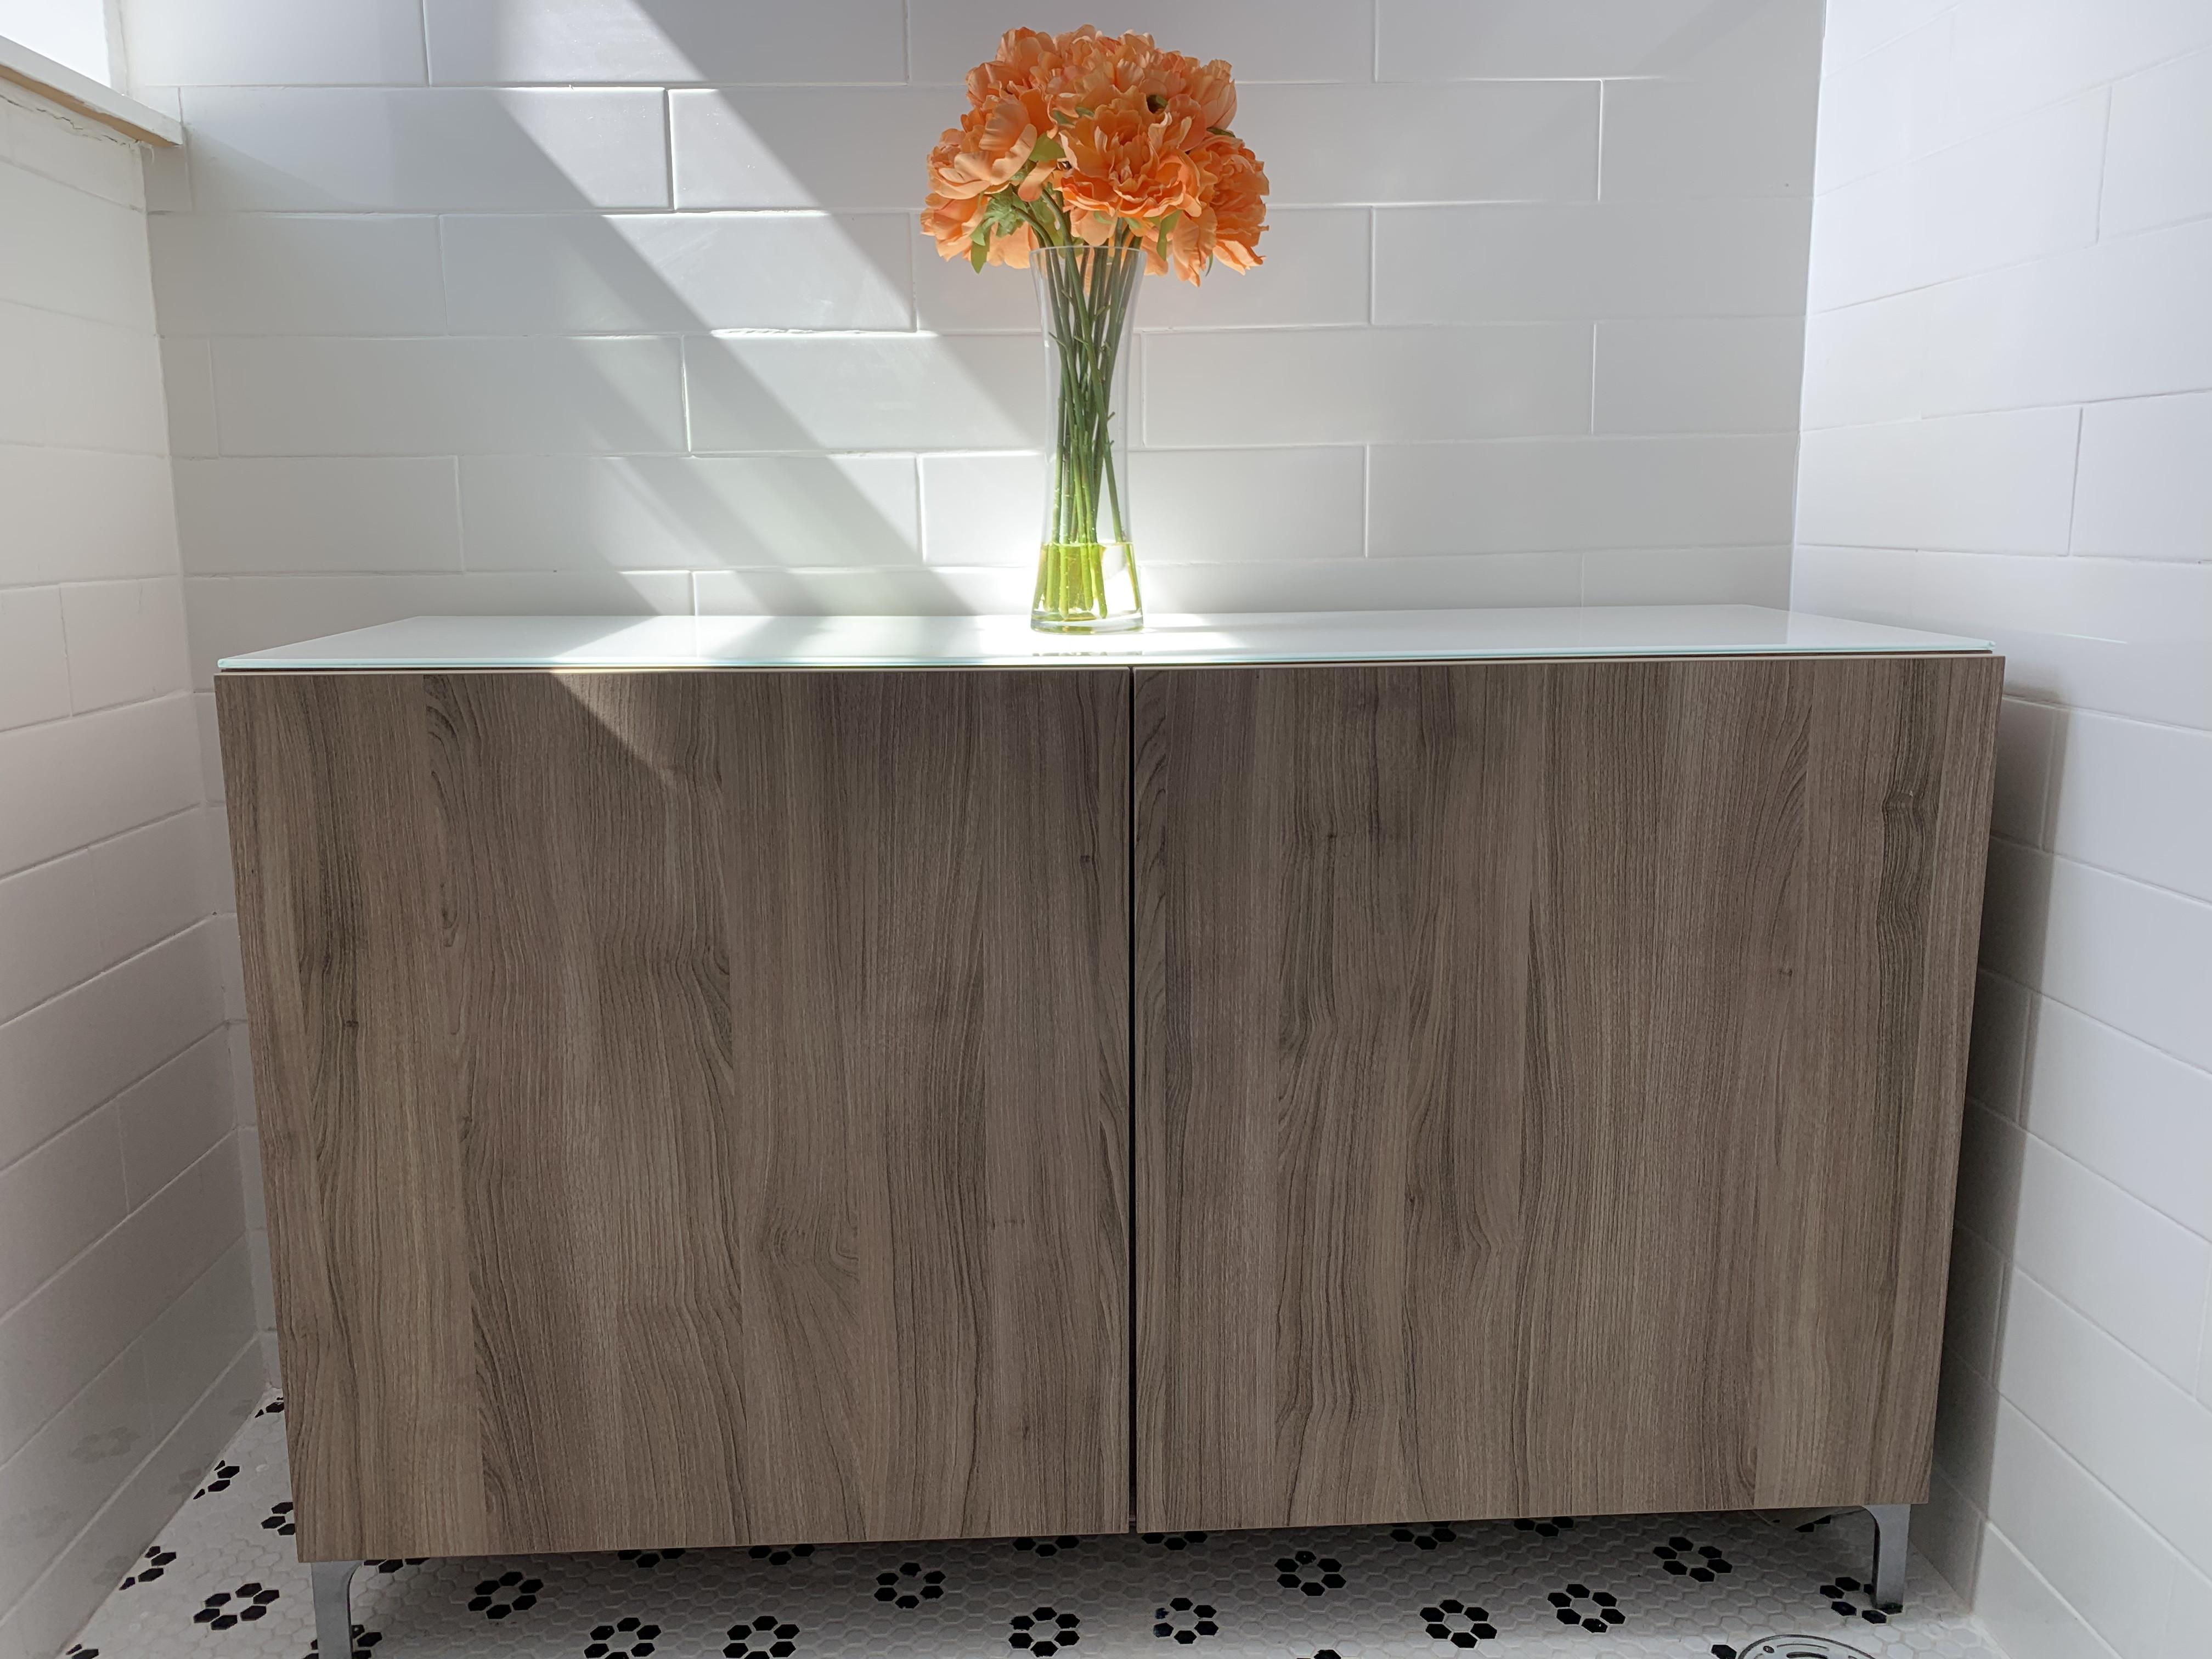 Ikea Light Wood & Glass Sideboard/Cabinet